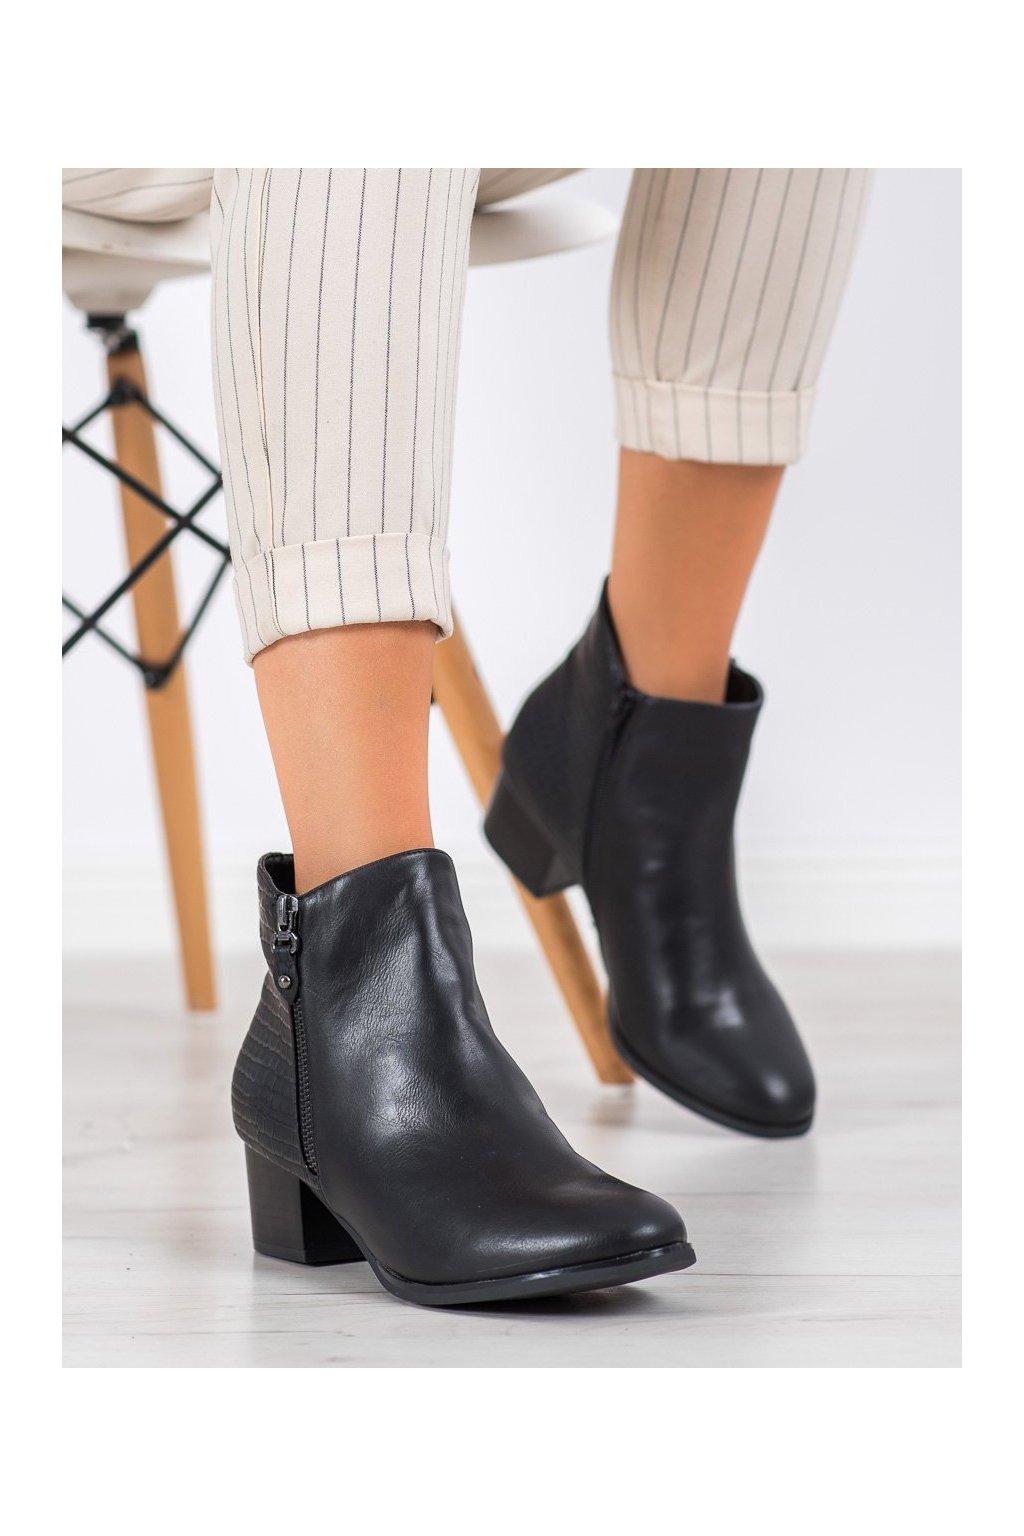 Čierne dámske topánky Kylie kod K1938602NE-PIEL